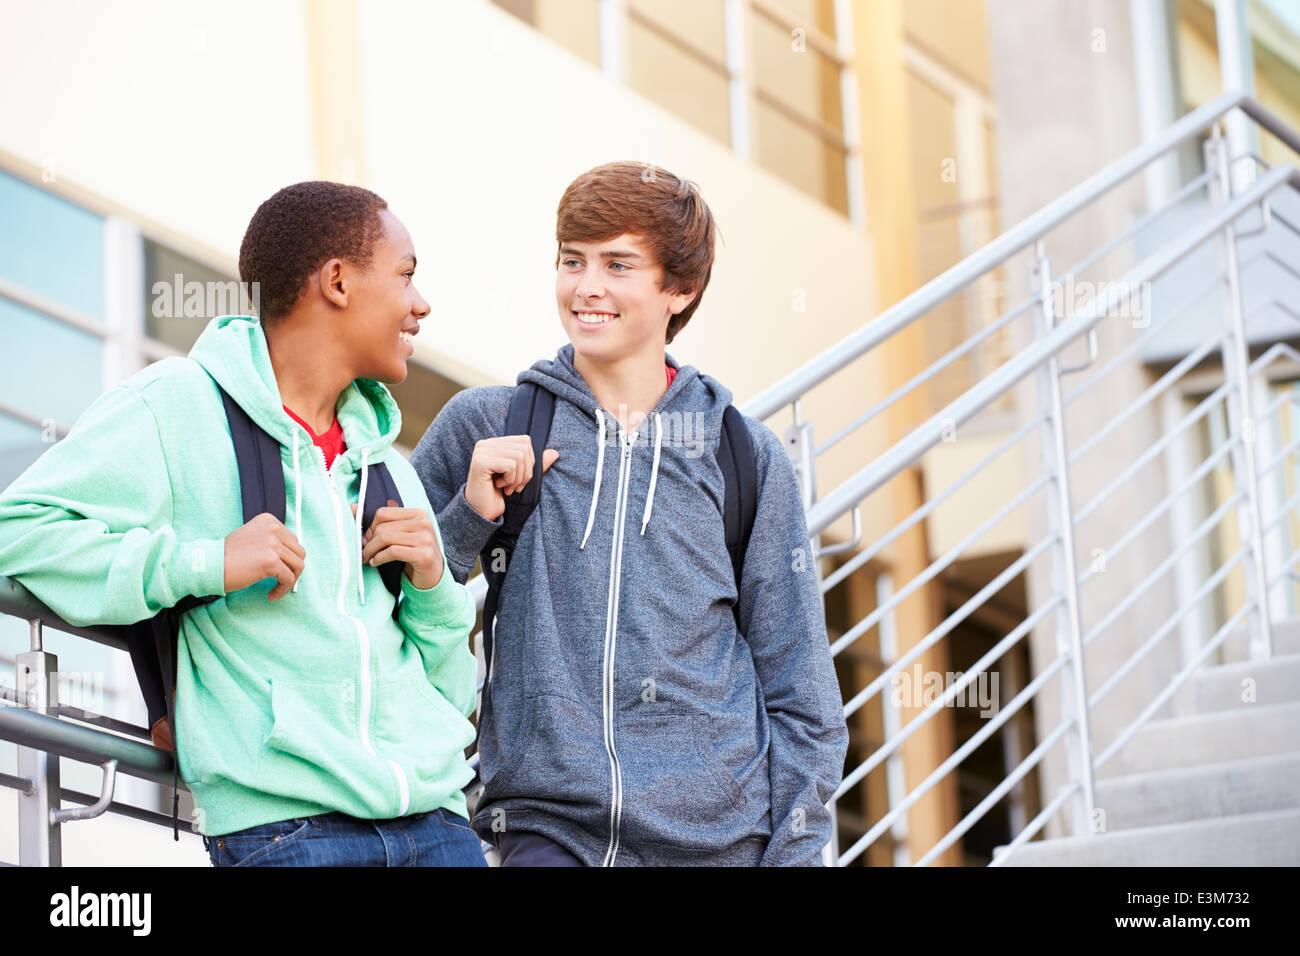 Zwei männlich High School Studenten stehenden außen Gebäude Stockbild